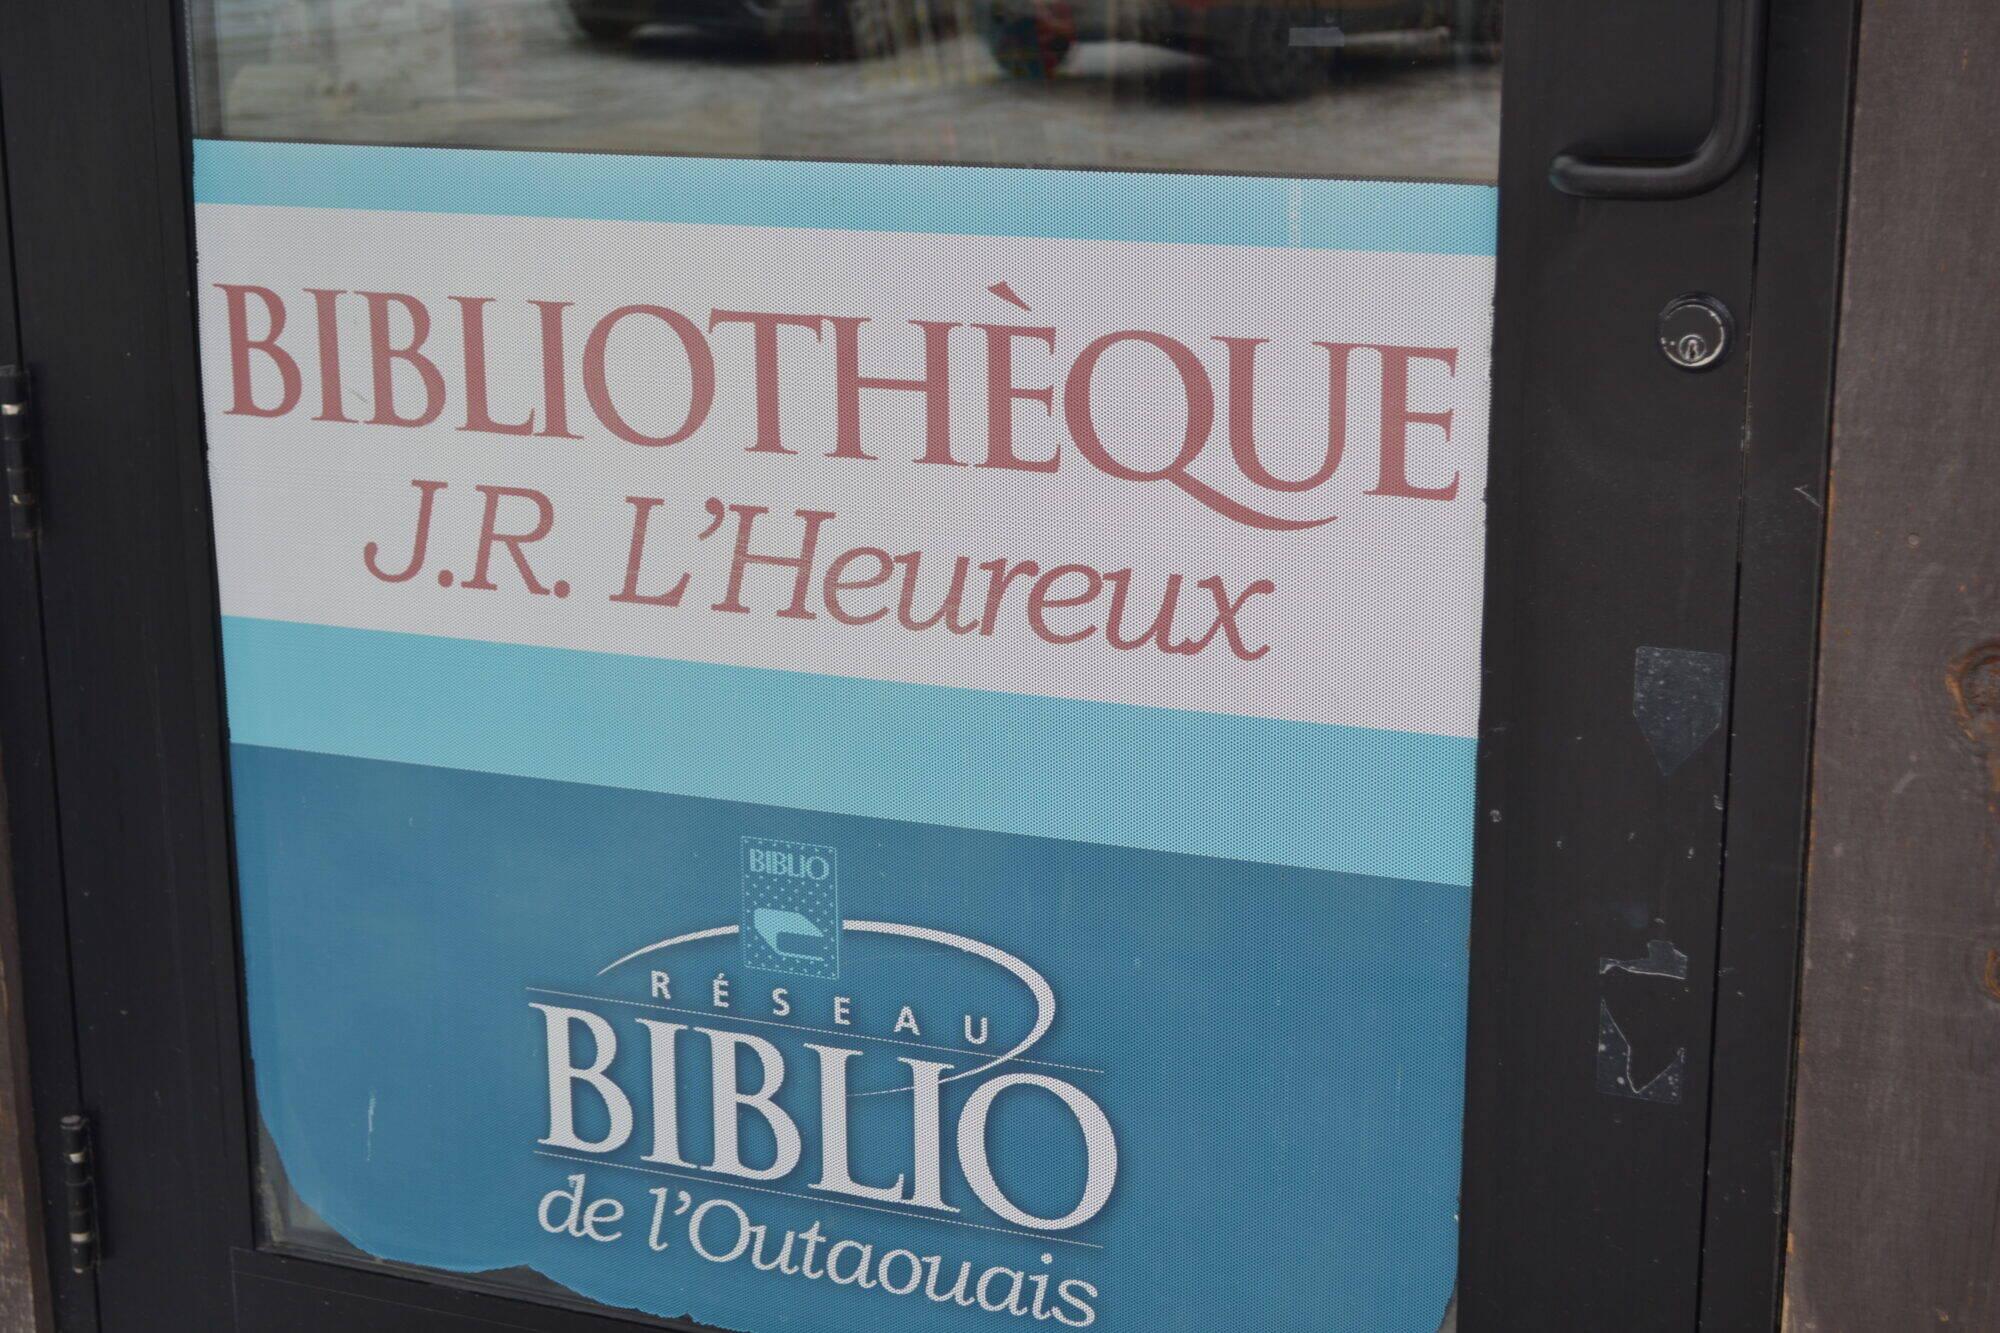 Bibliothèque J.R. l'Heureux 2